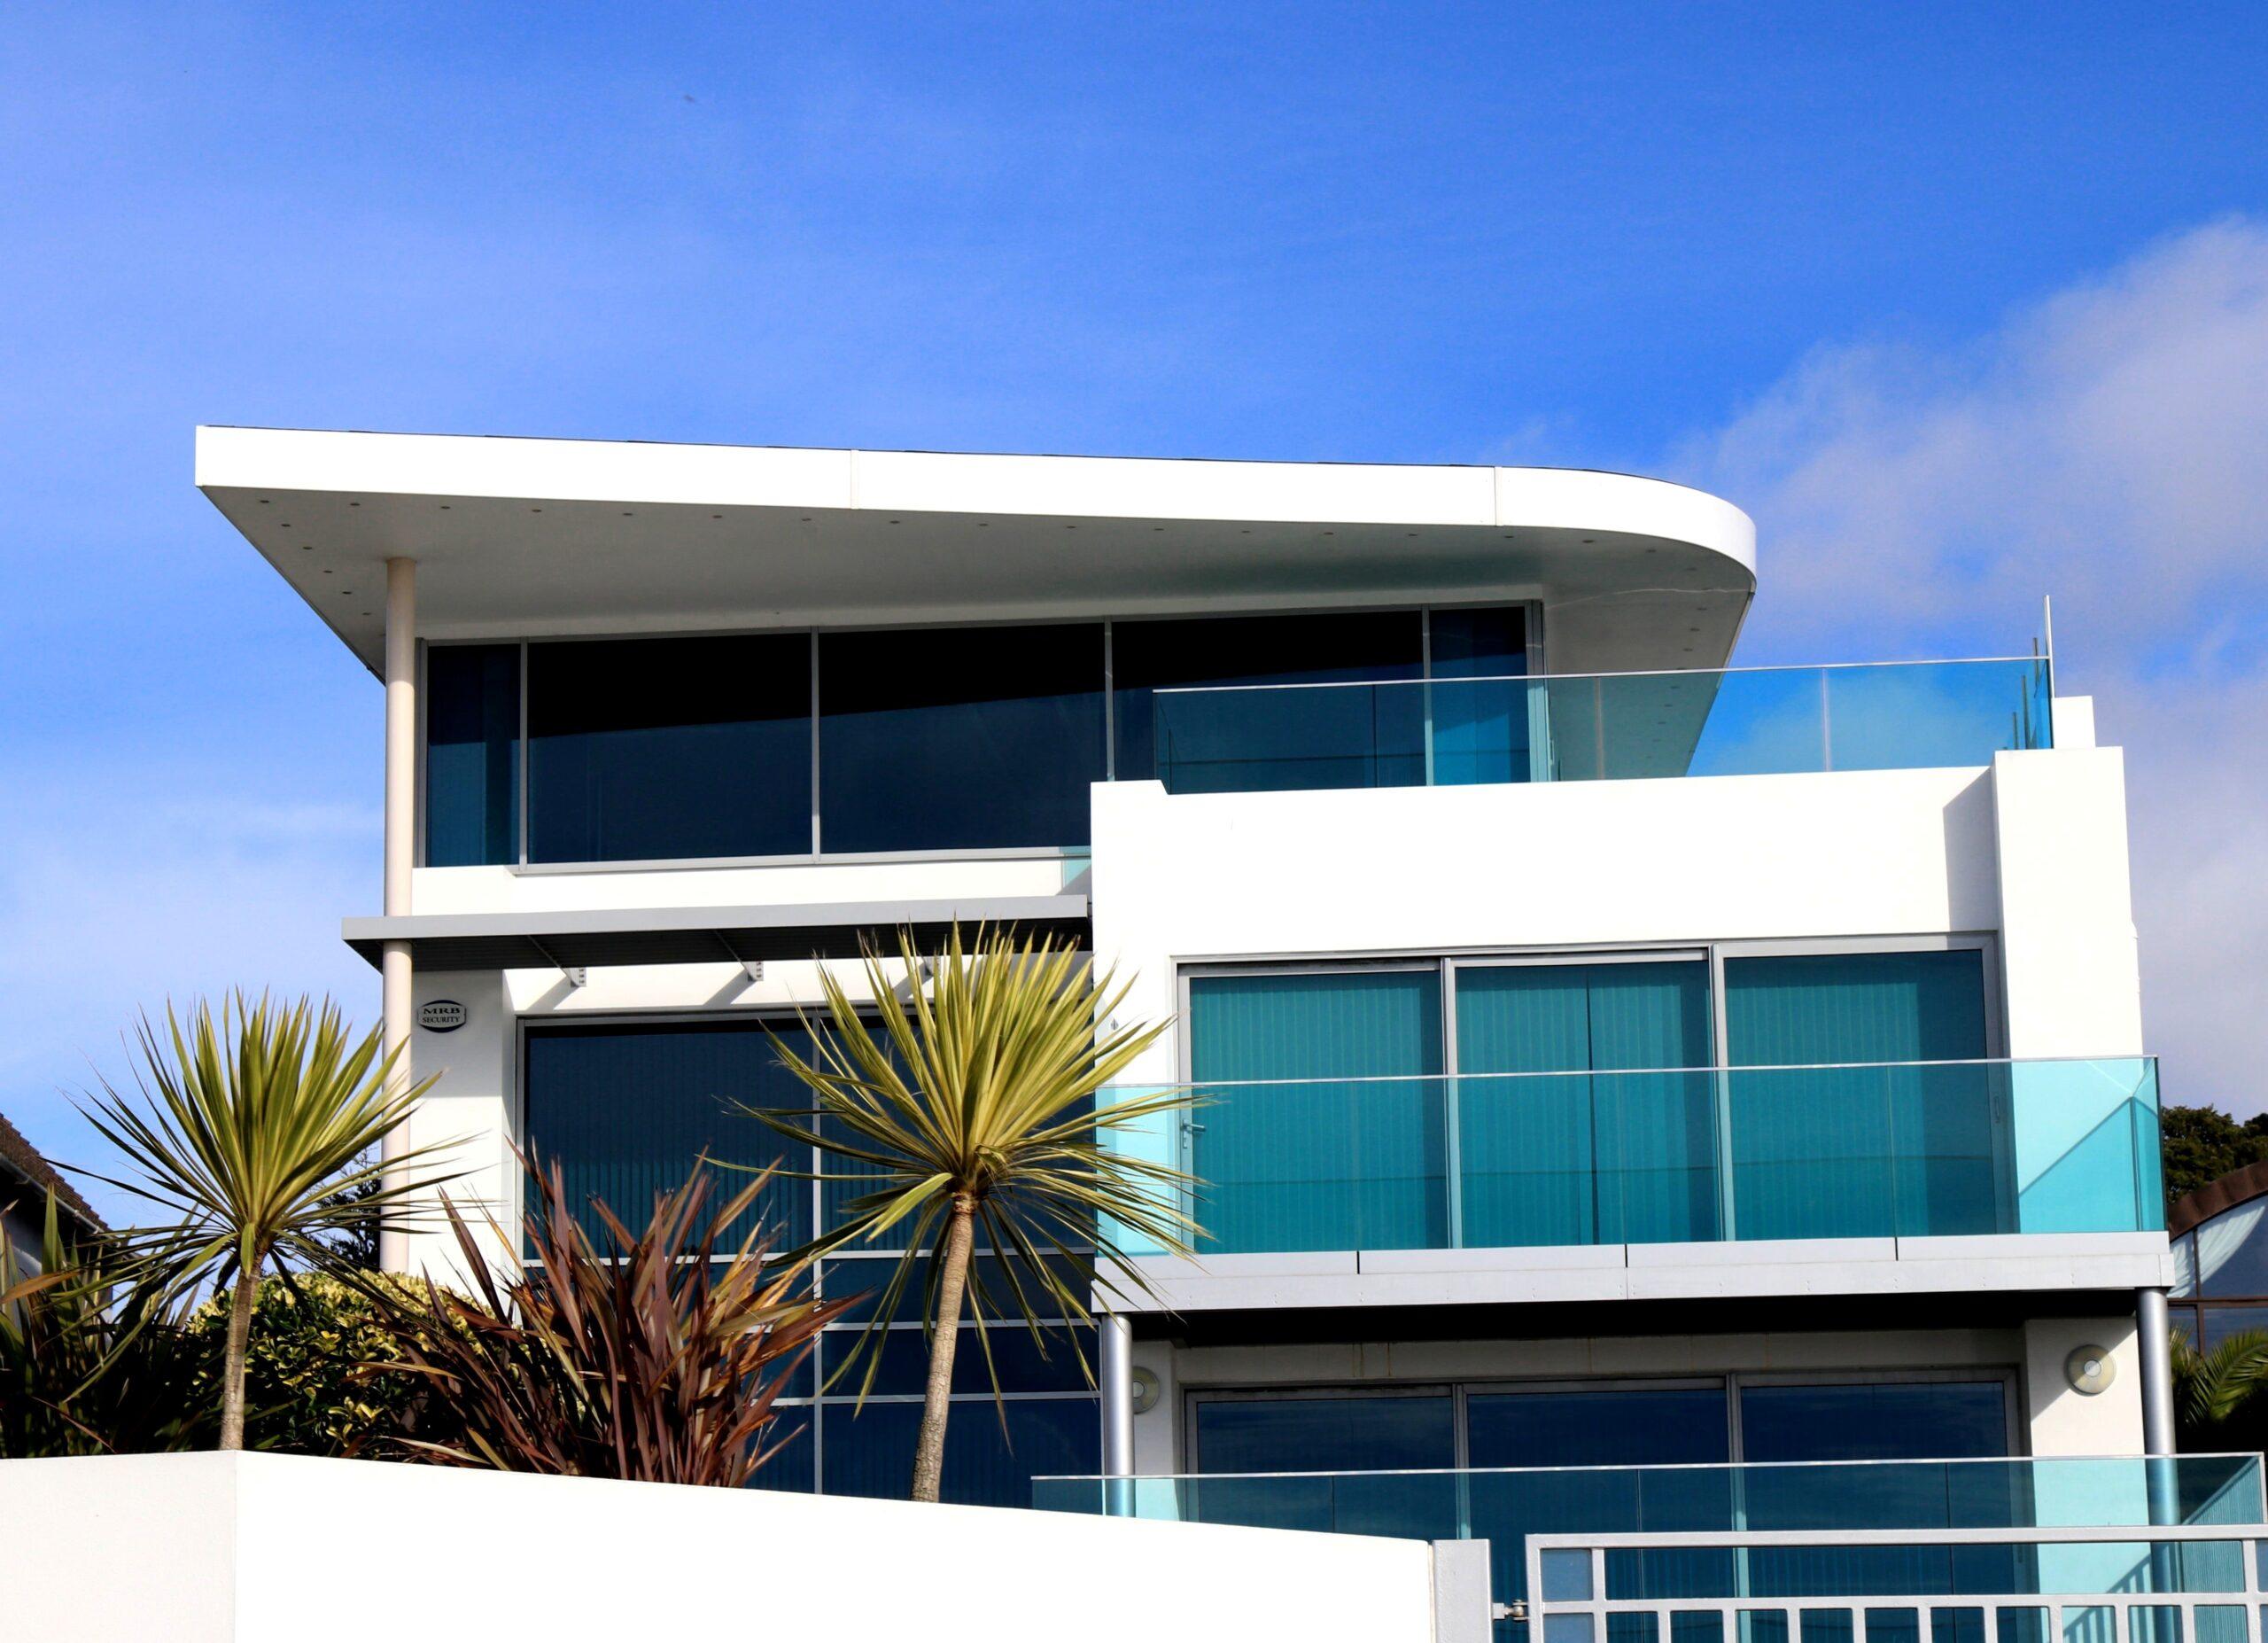 Na czym polega usługa odkupu nieruchomości?